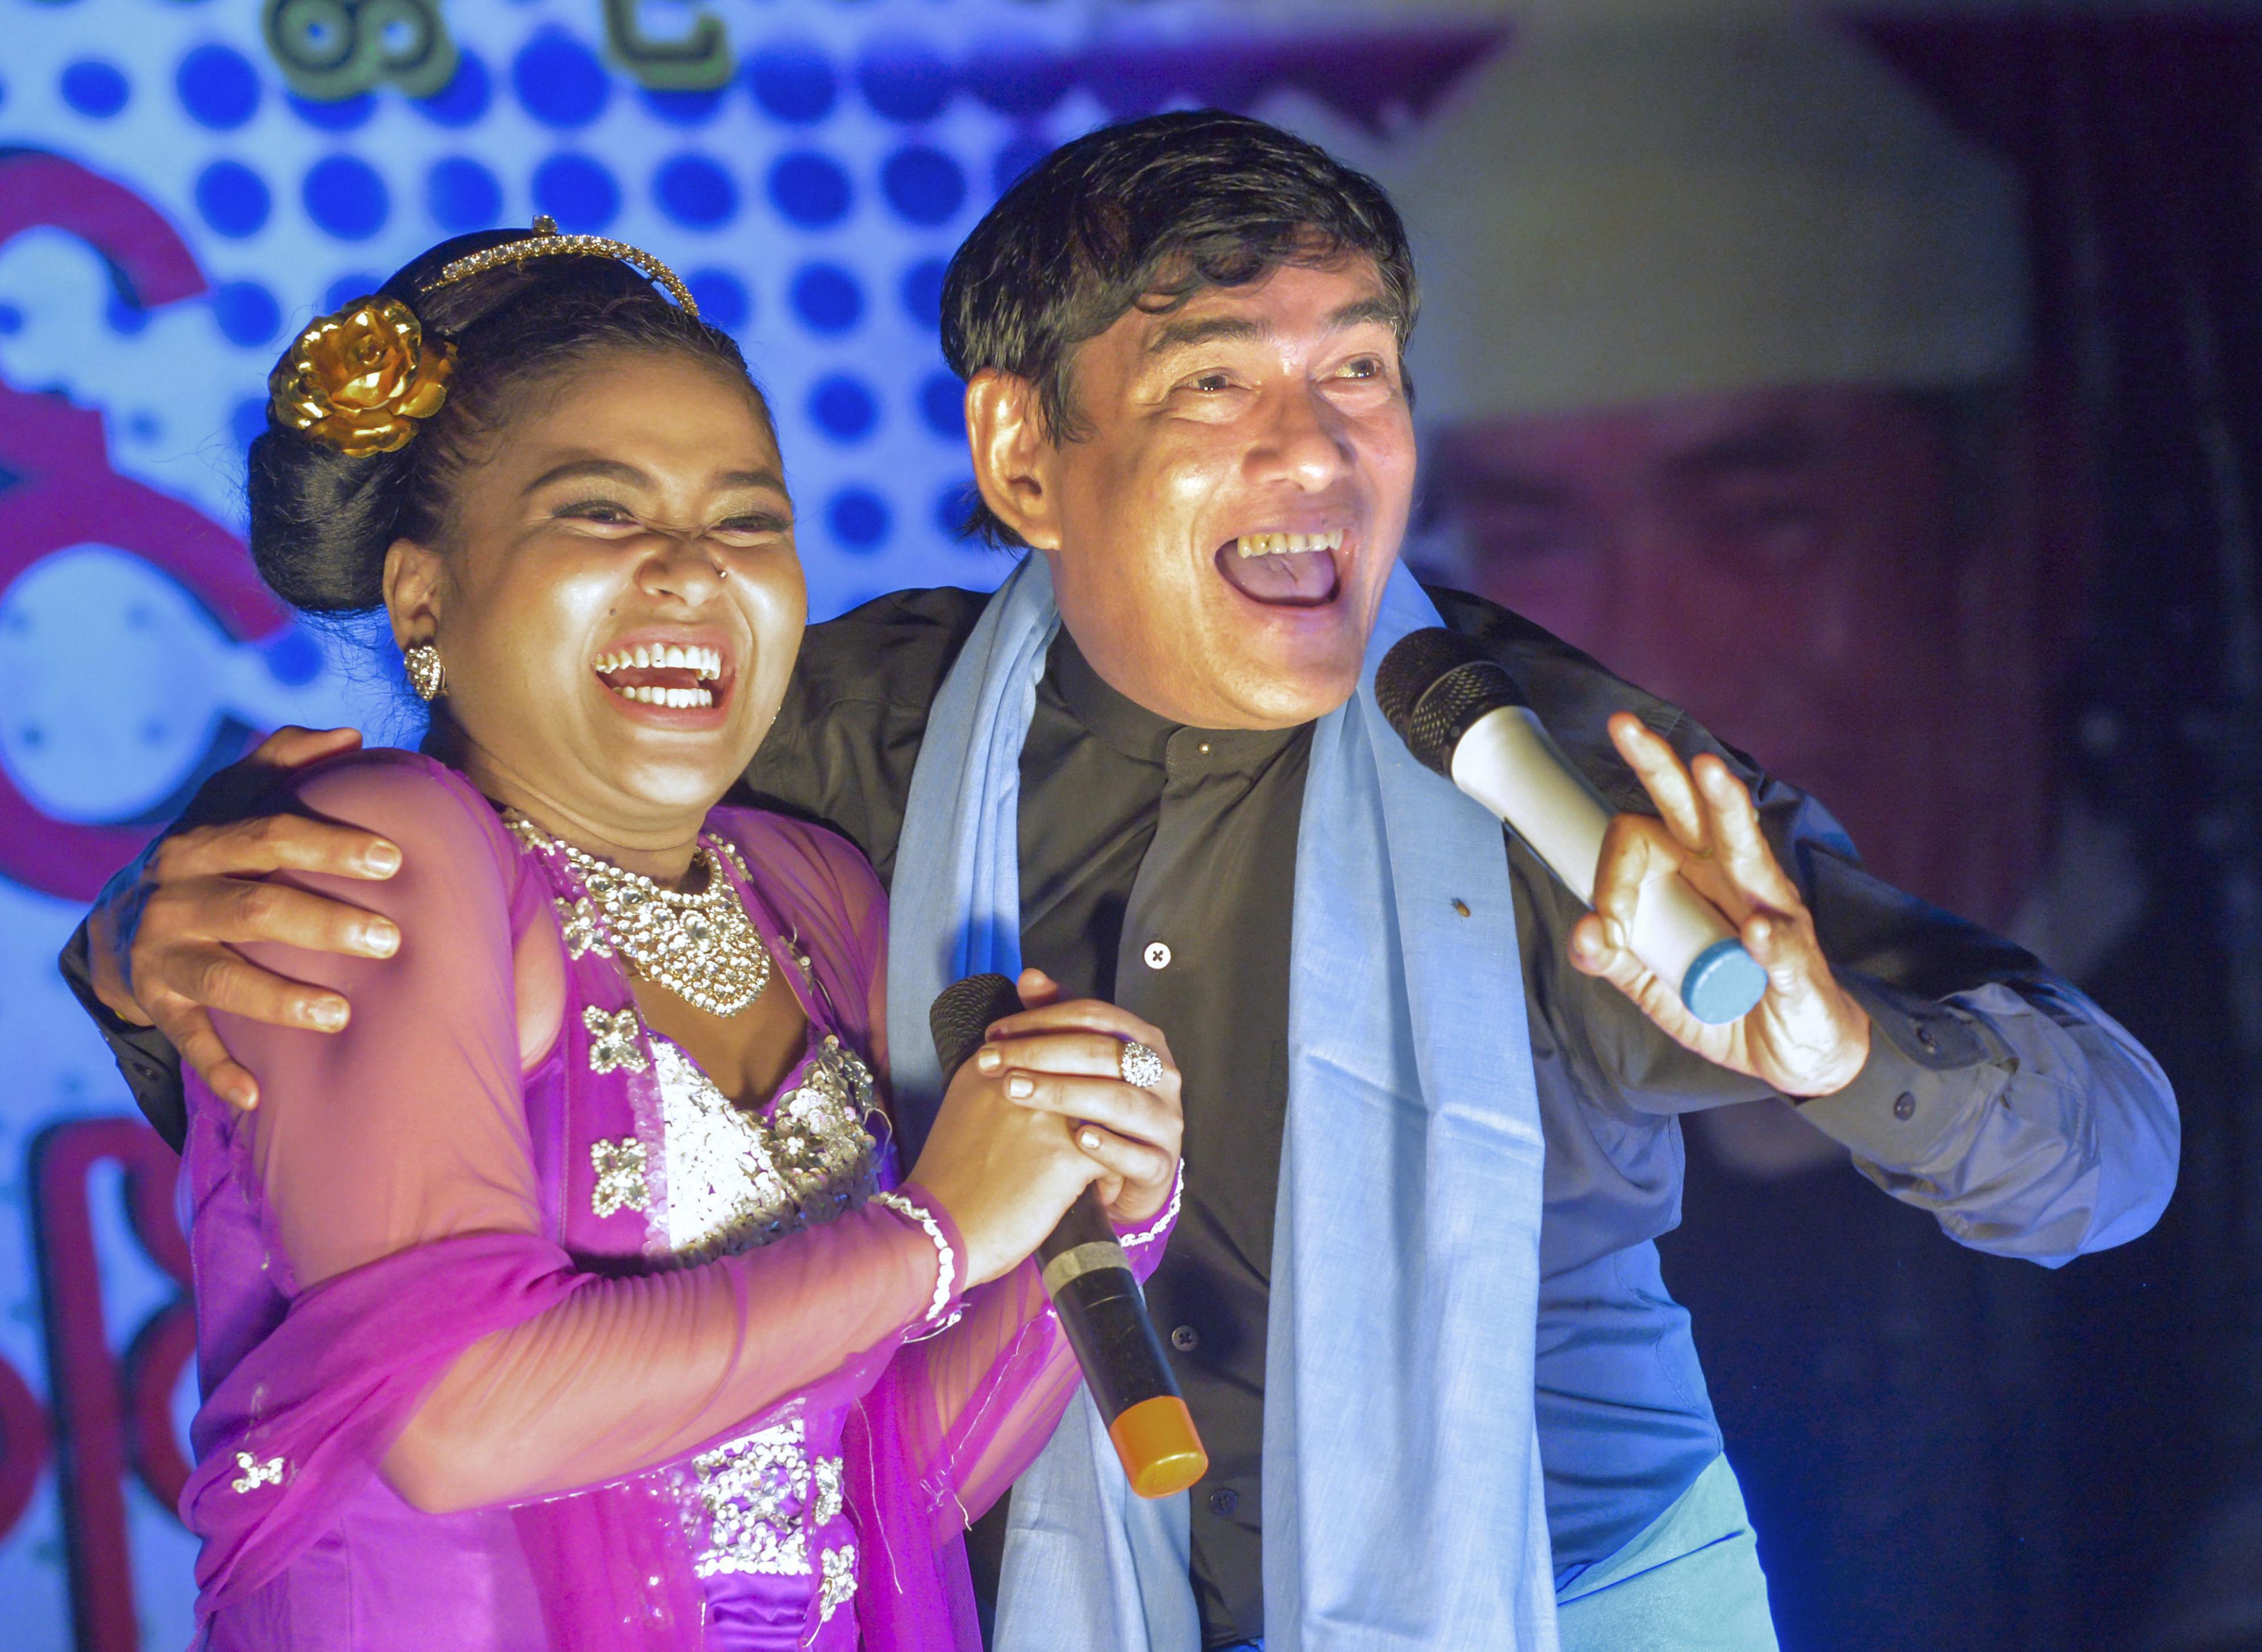 「アニェイン」の舞台に立ち、踊り子と歌うミャンマーの人気コメディアン、ミッター(右)。観客だけでなく共演者も即興で巻き込む。会場全体が大きな笑いで包まれた=ミャンマー・ダイウー(撮影・村山幸親、共同)